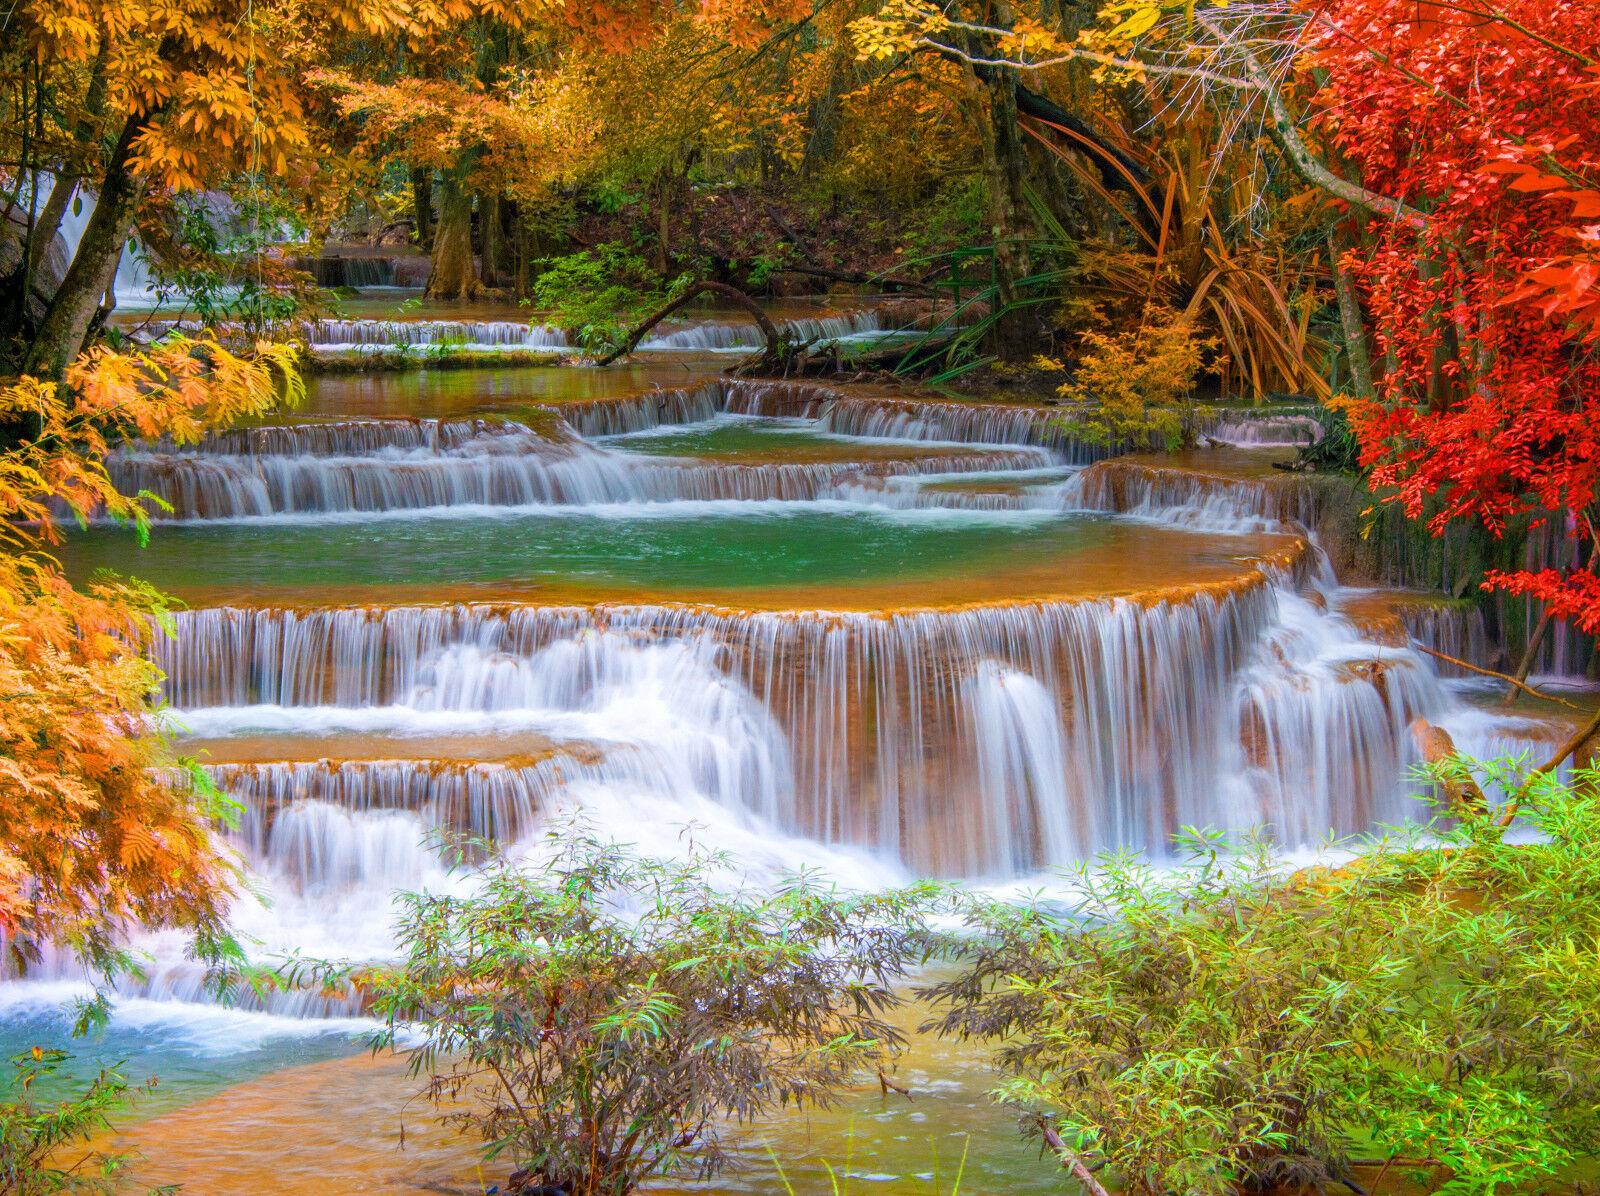 Fototapete-WASSERFALL-(374P)-350x260cm-7Bahnen 50x260cm-Bäume Herbst Wald Fluss